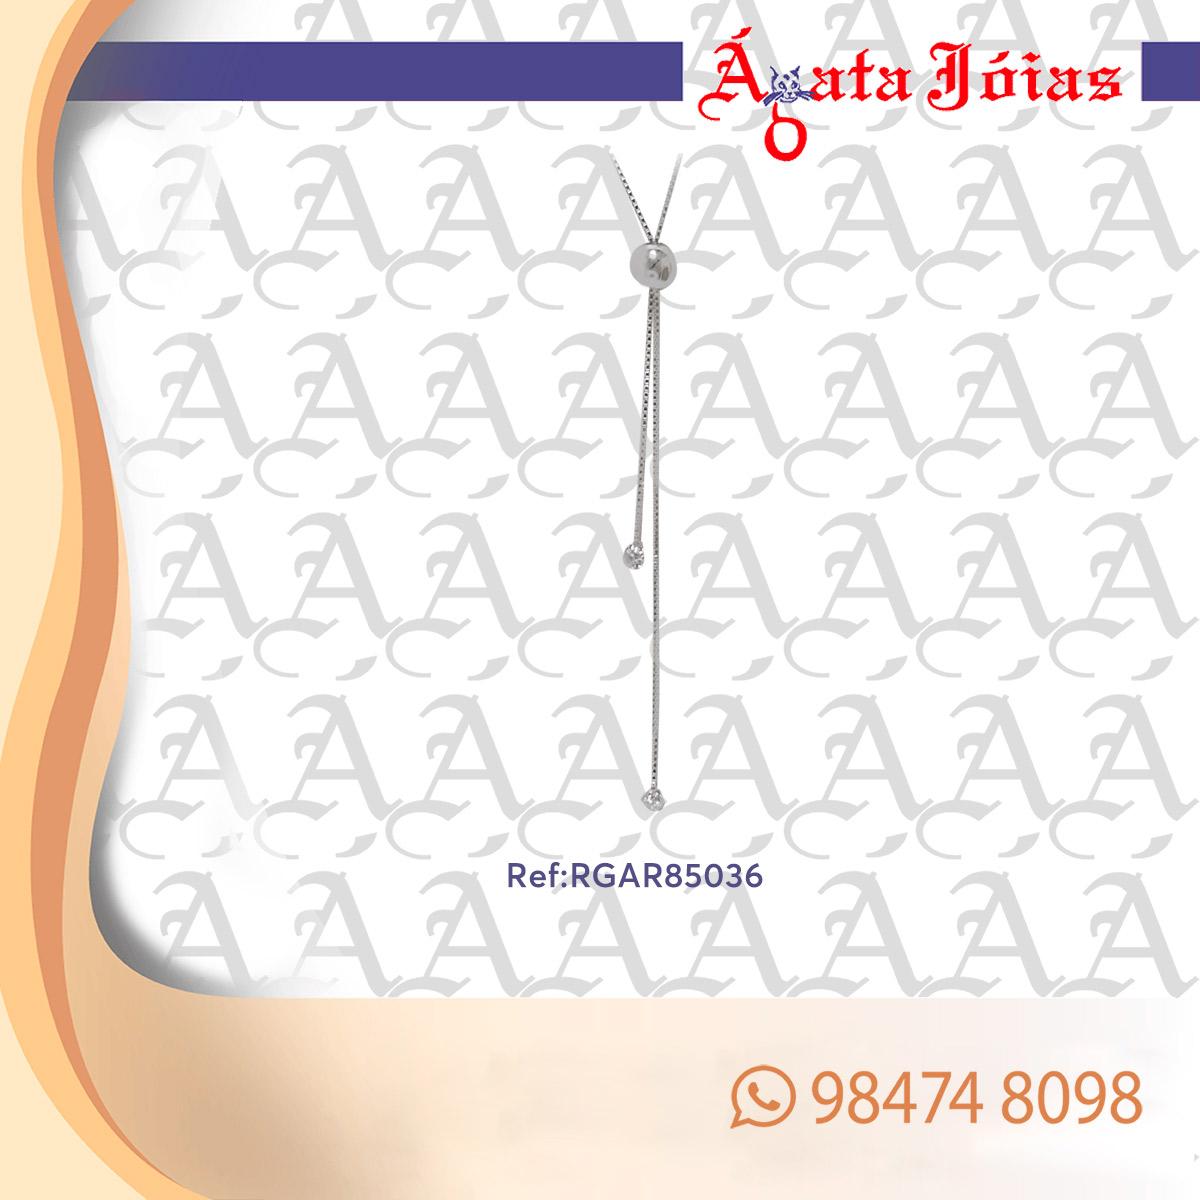 RGAR85036